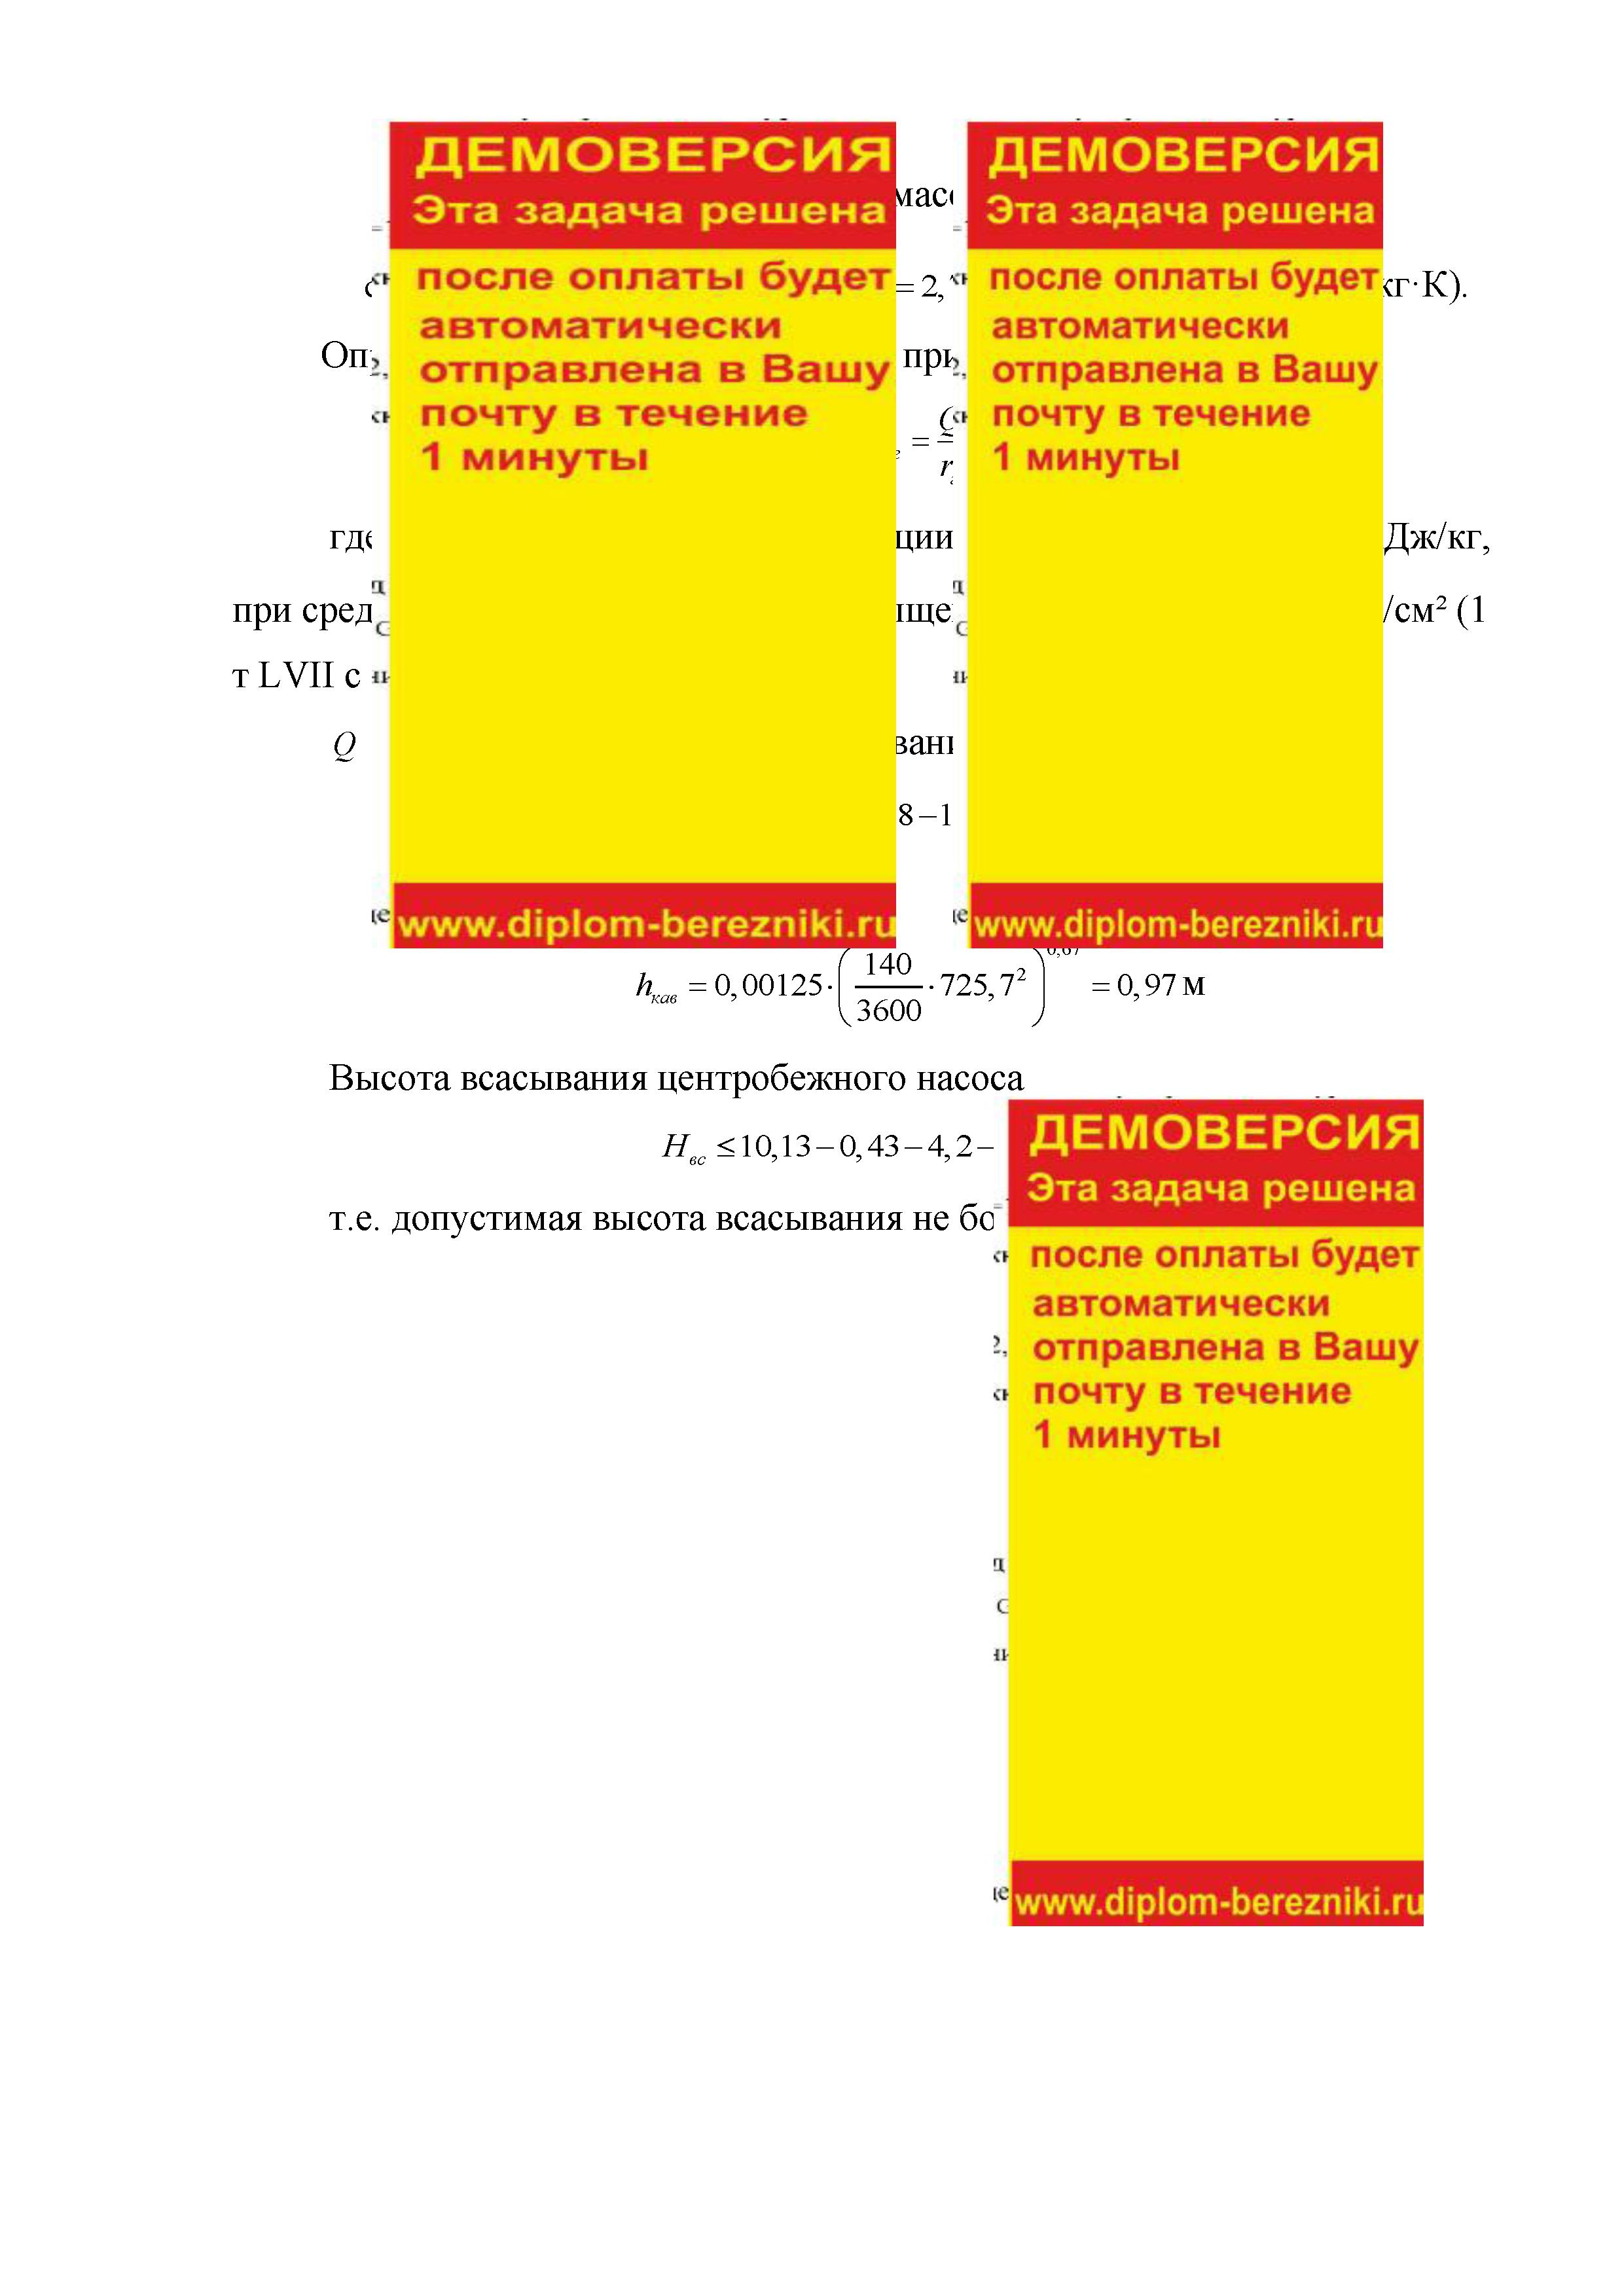 Определить теоретически допустимую высоту всасывания